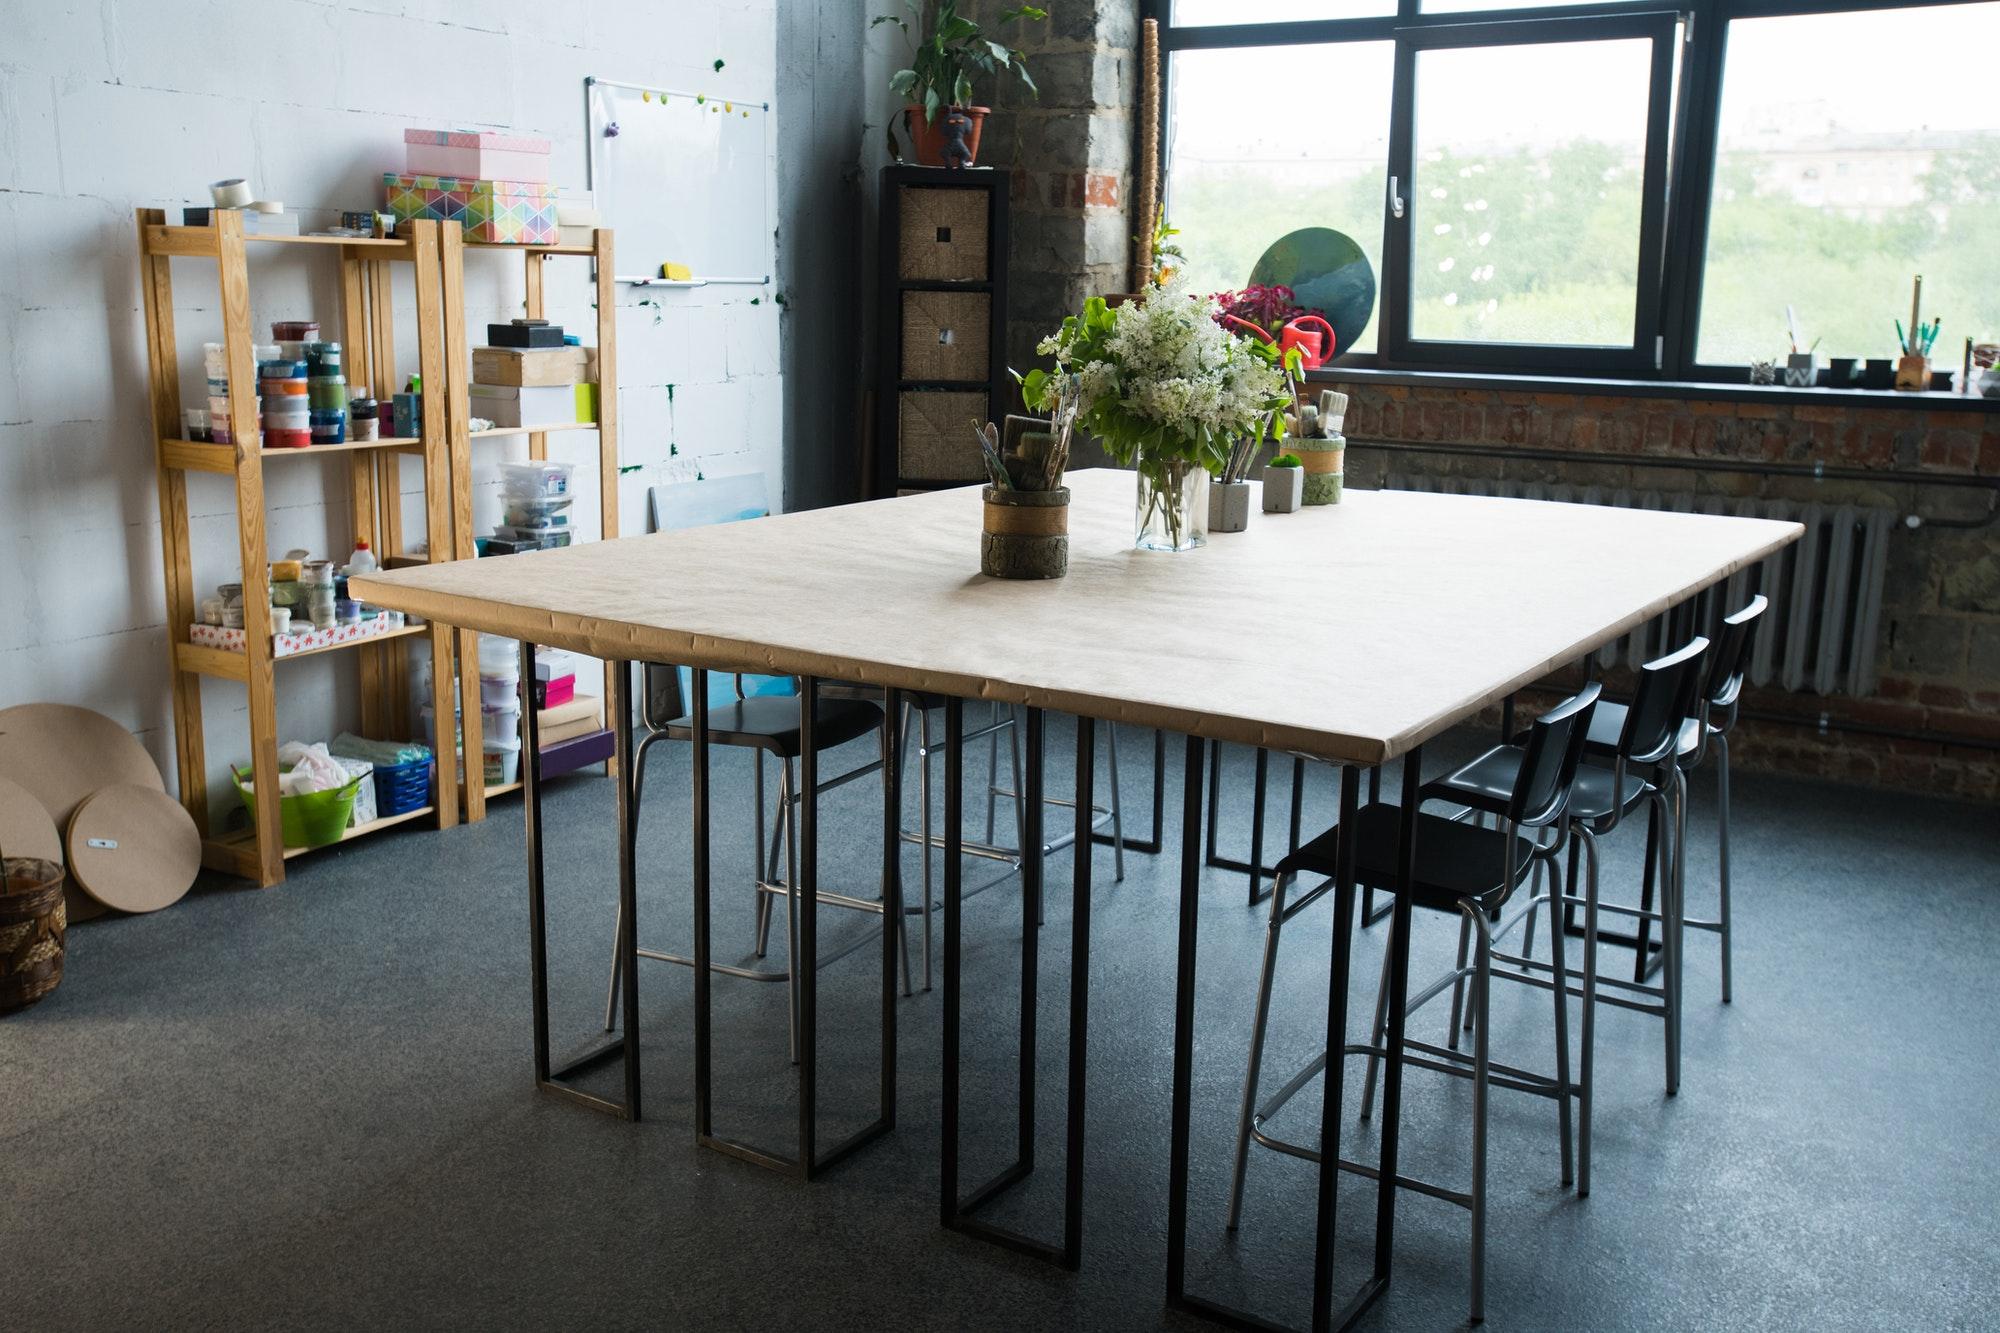 Billig tre værelses lejlighed til leje København